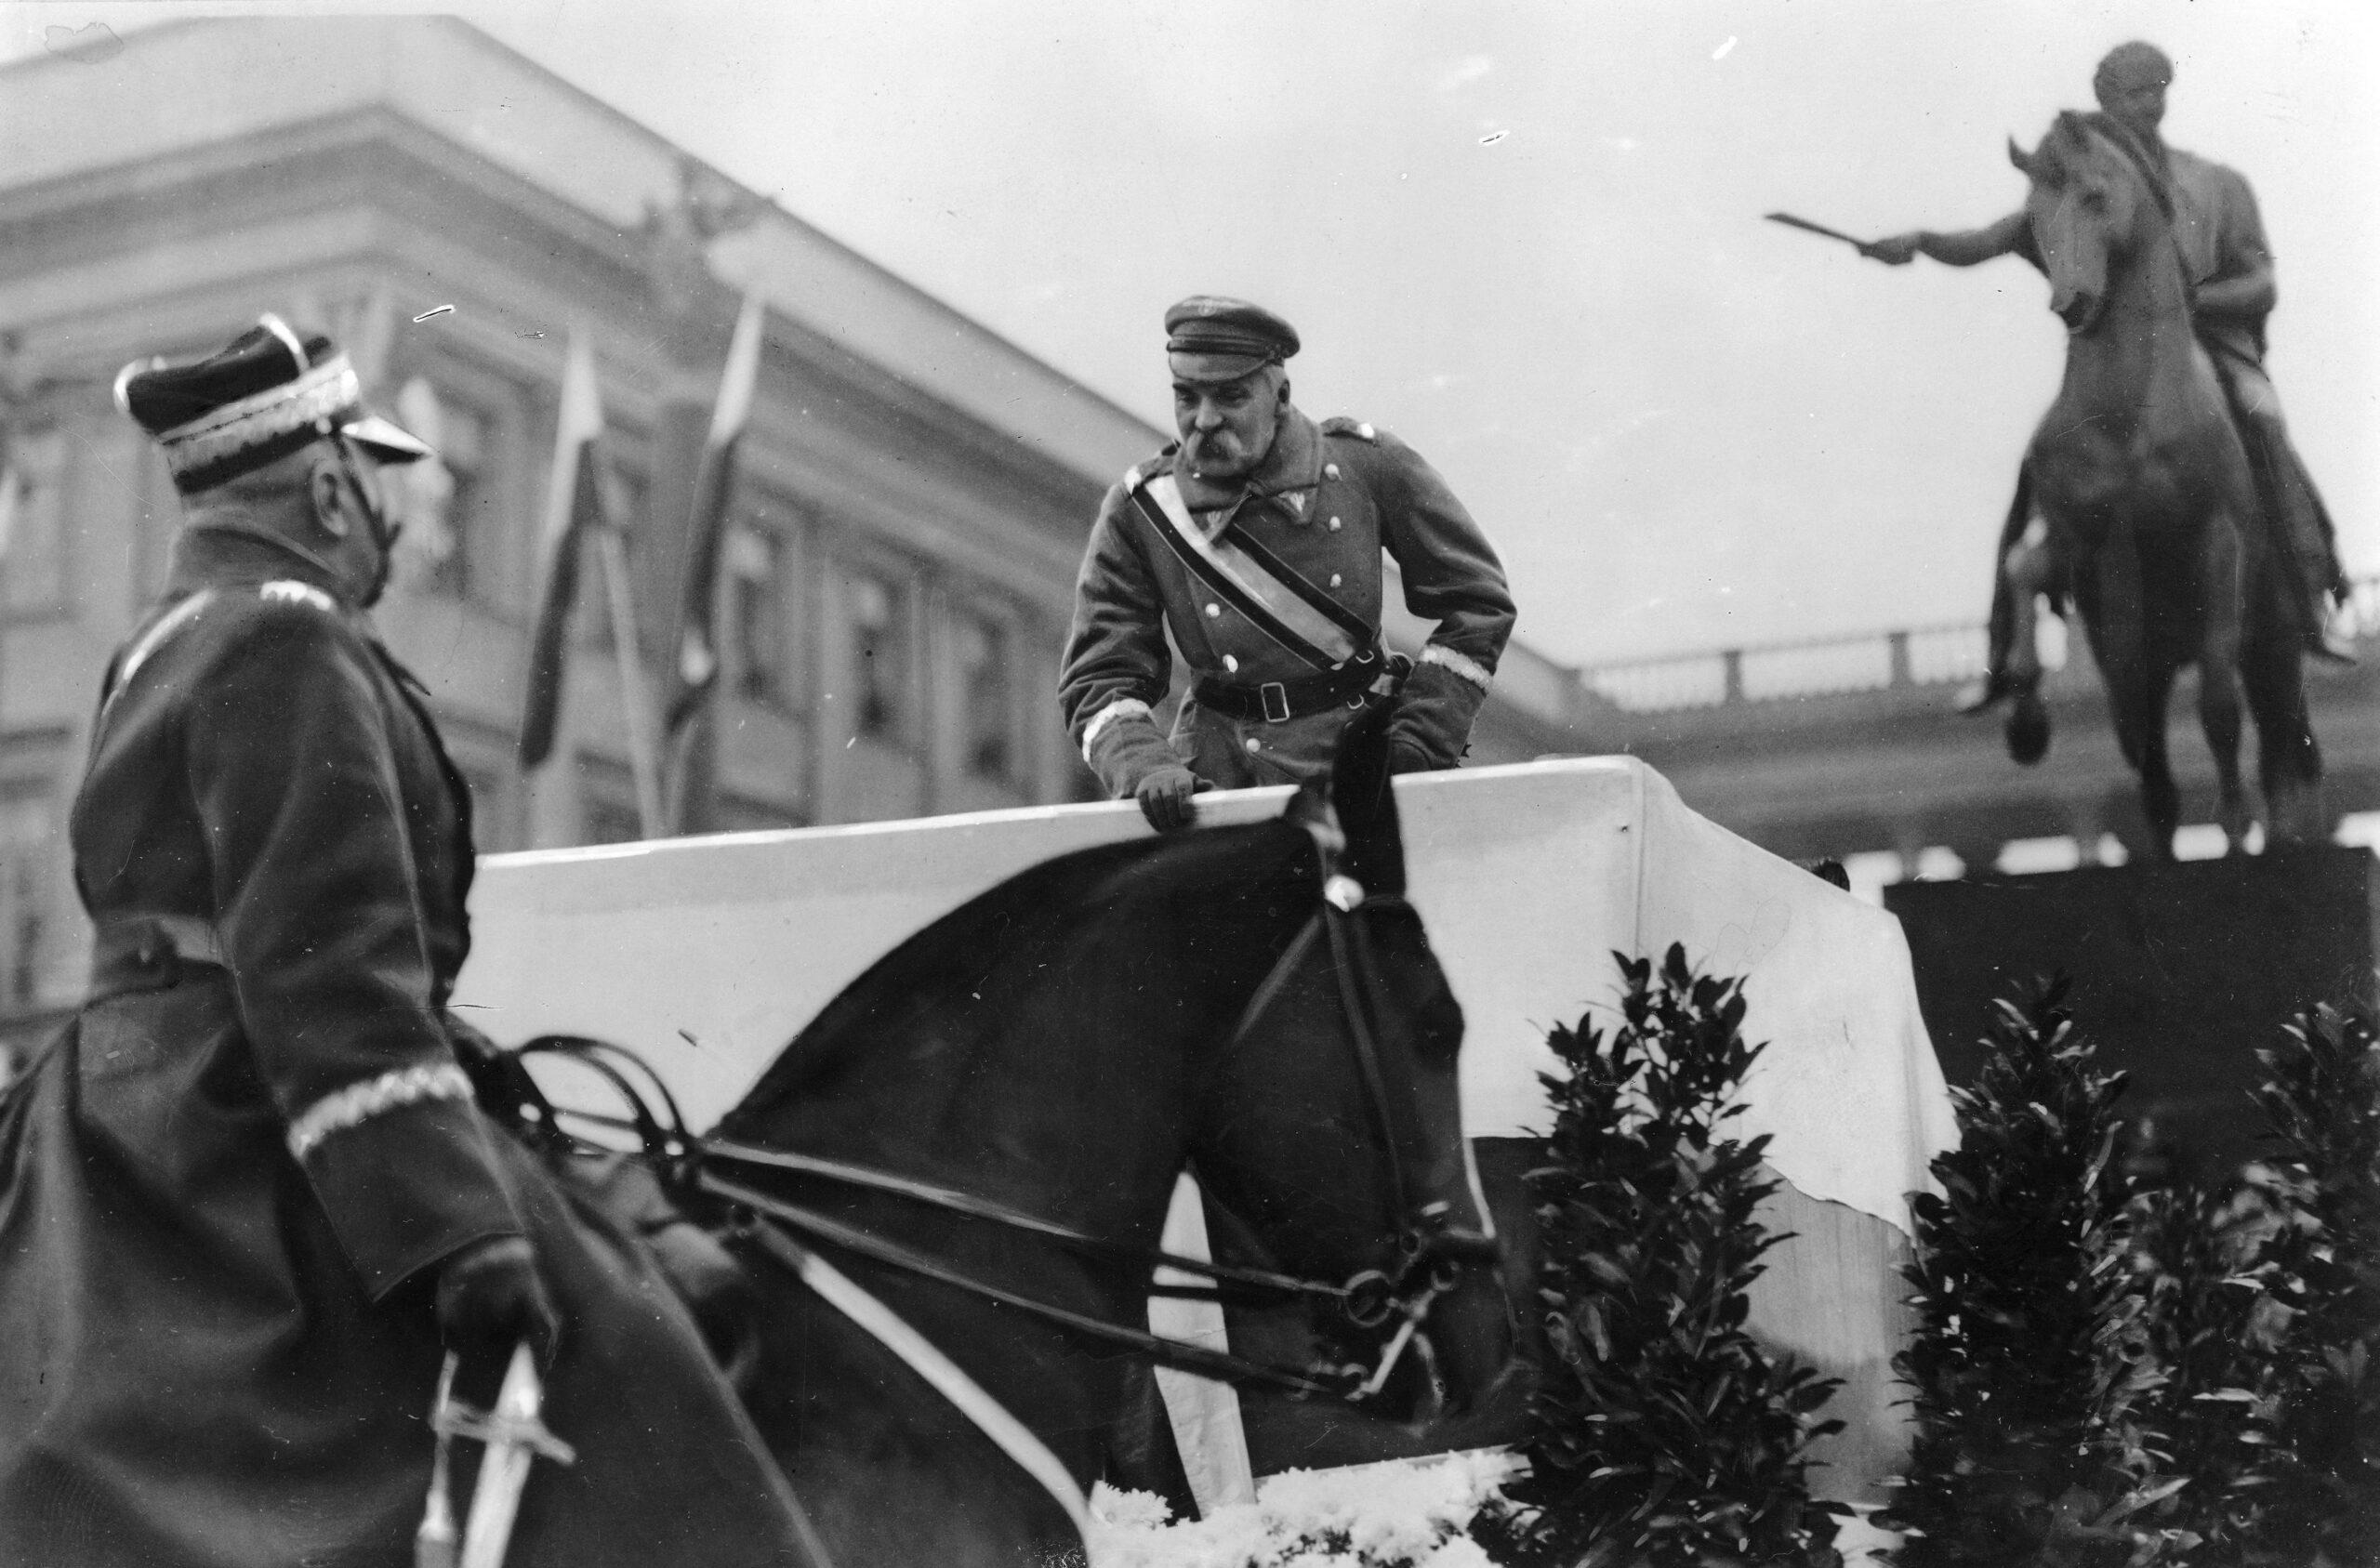 Józef Piłsudski pochyla się z podestu i zwraca do oficera na koniu. W tle pomnik konny Józefa Poniatowskiego.